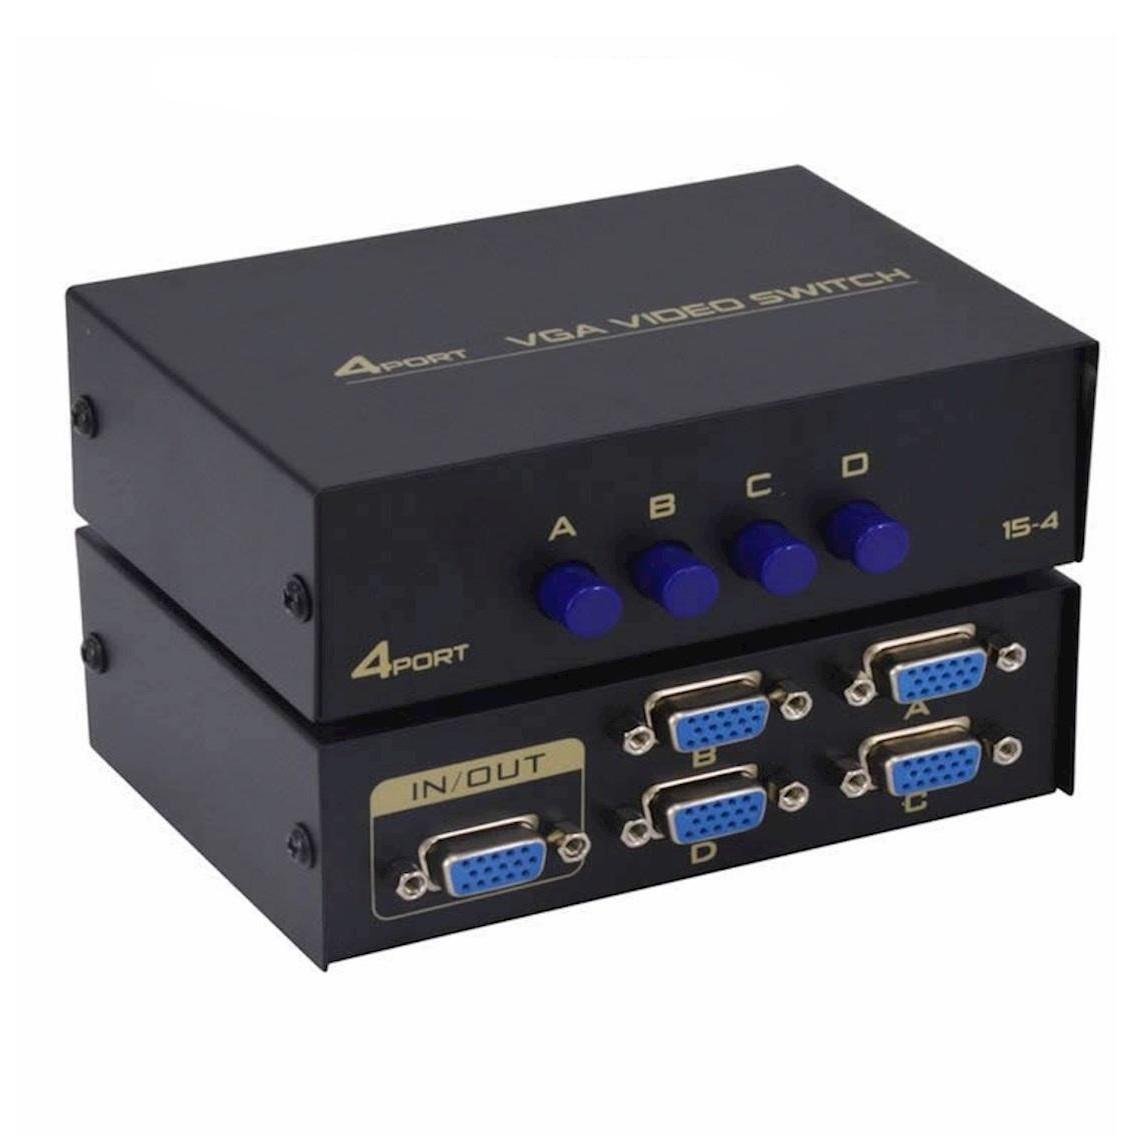 Hub chuyển đổi HN 4 CPU ra 1 VGA Mỗi cổng tín hiệu đầu ra hỗ trợ ba cấp cascade Thiết kế vỏ kim loại dầy dăn, được sơn phủ tĩnh điện giúp chống nhiễu cao.